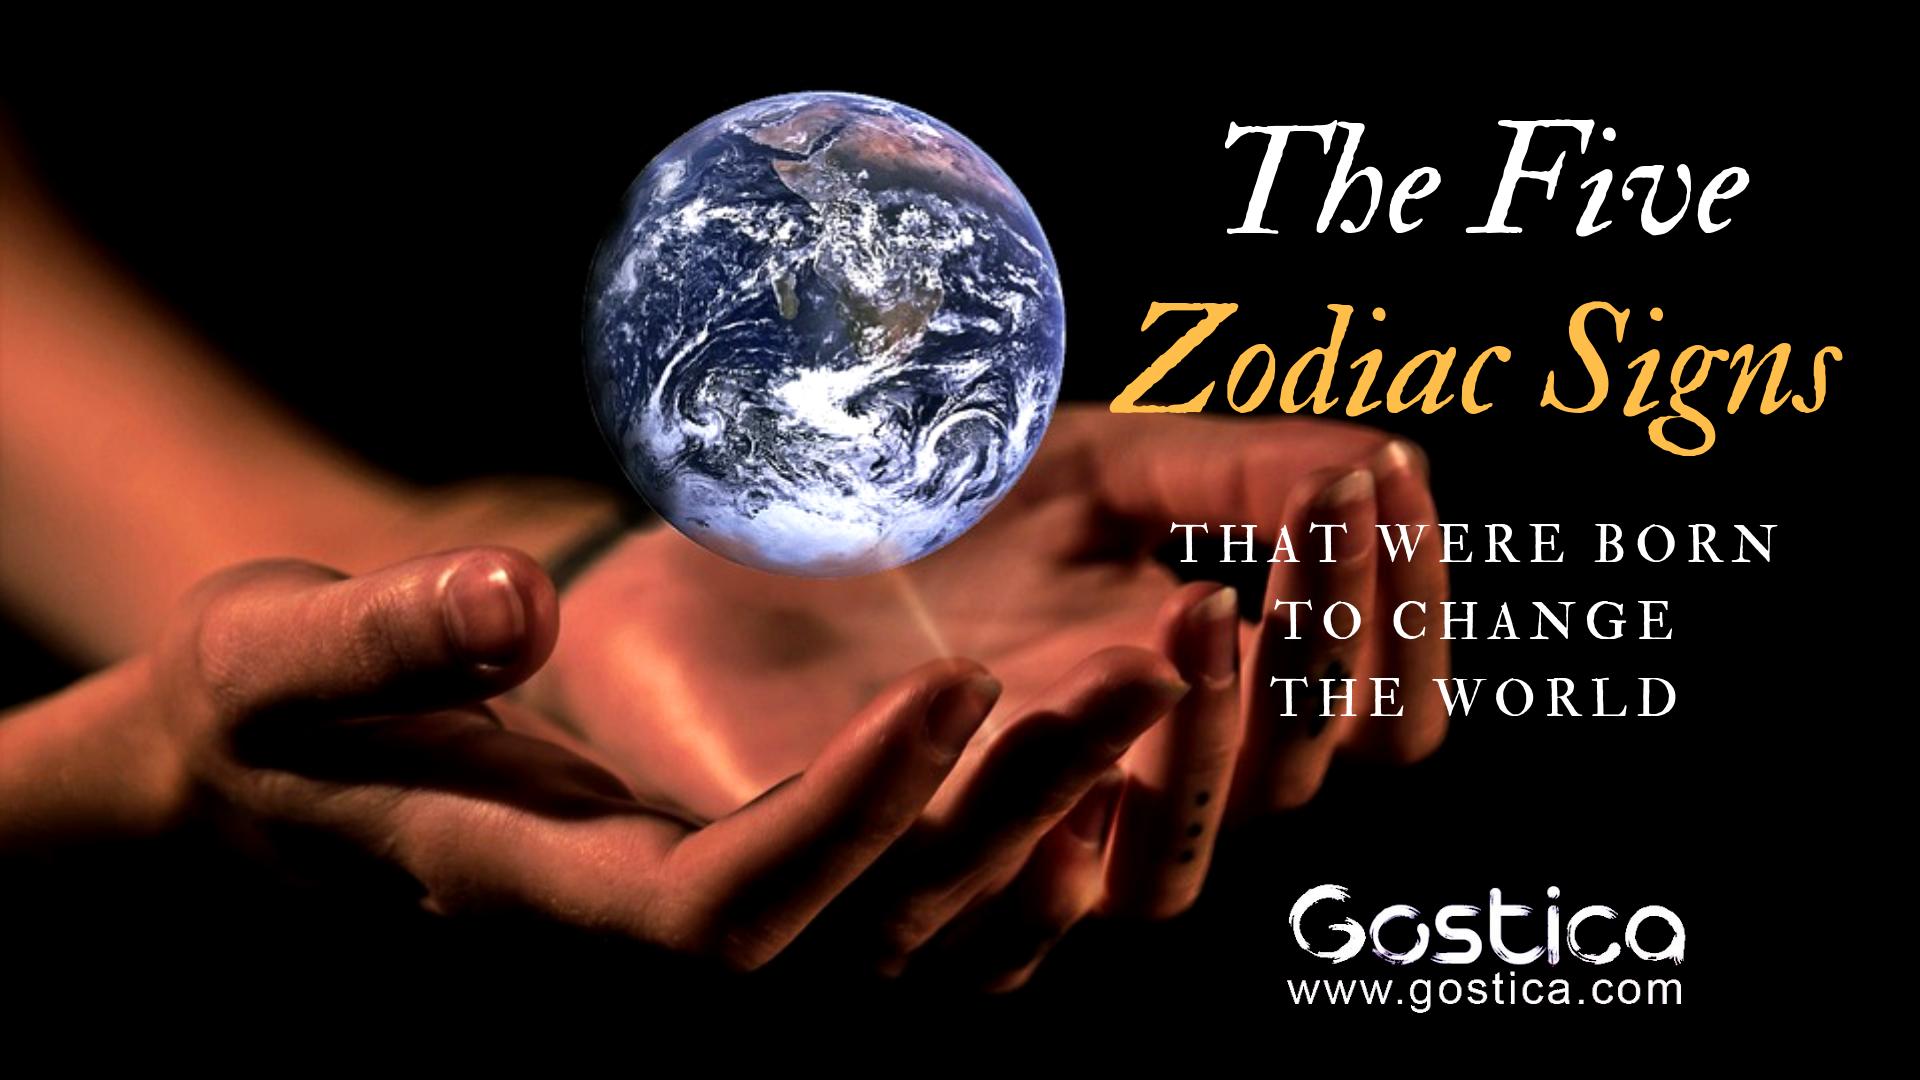 zodiac signs, zodiac